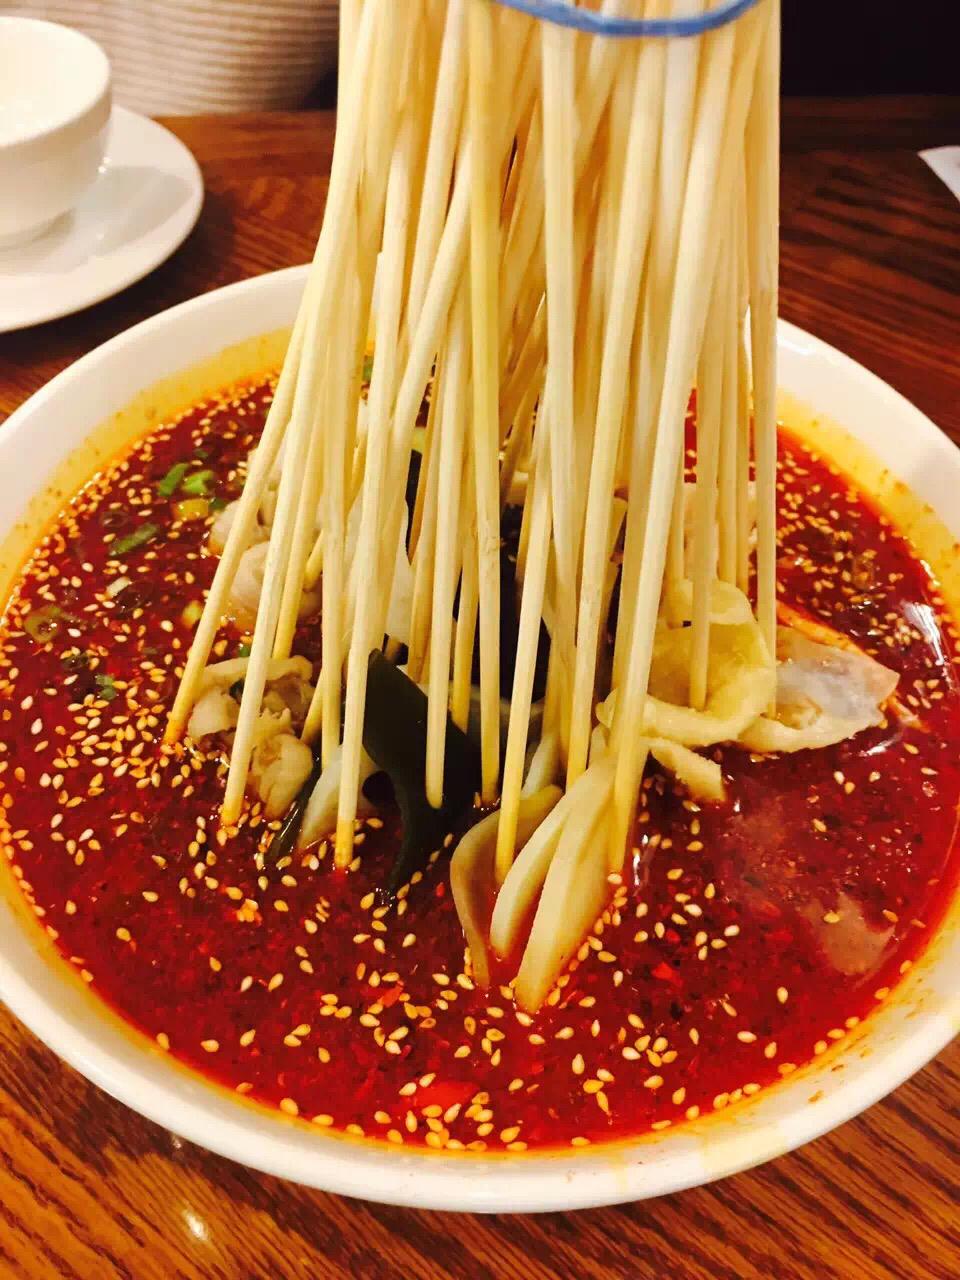 Chengdu Taste 3950 Schiff Dr, Las Vegas, NV 89103 - YP com